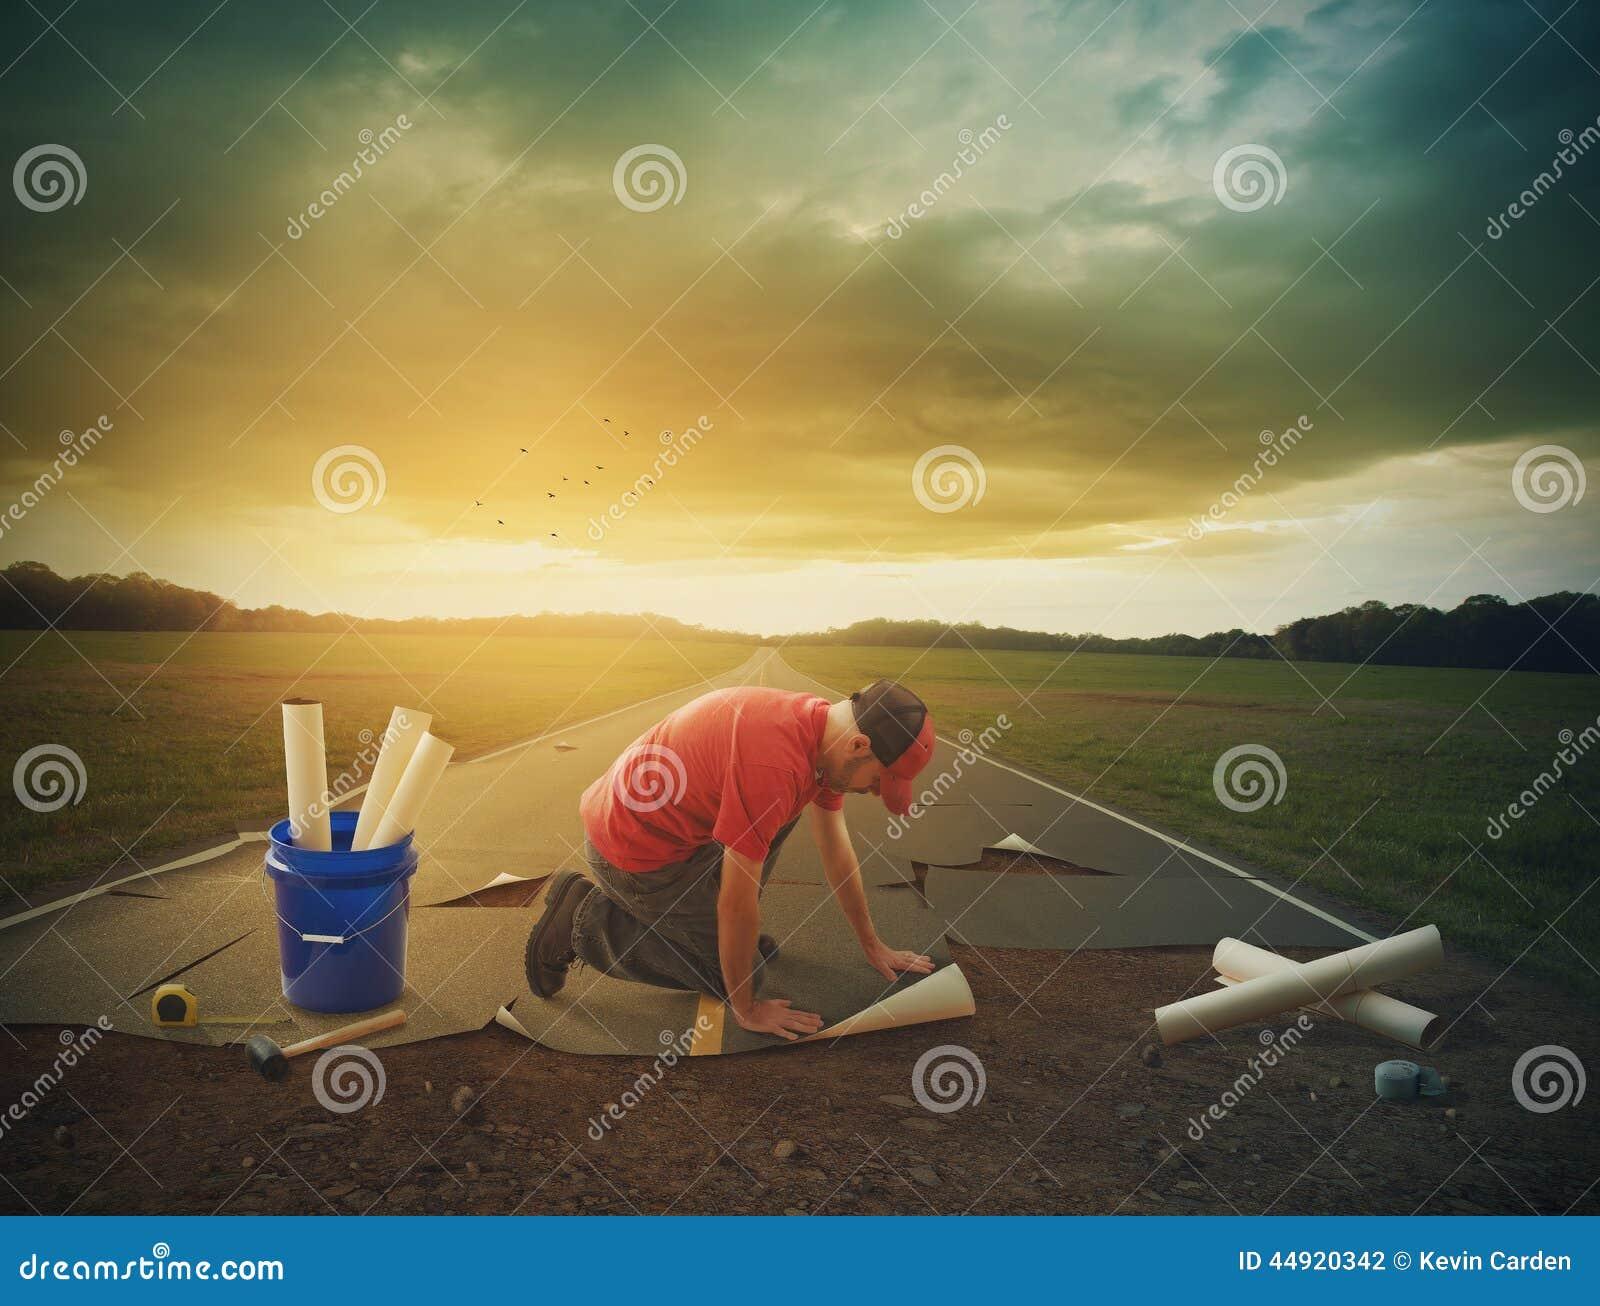 Man building a road